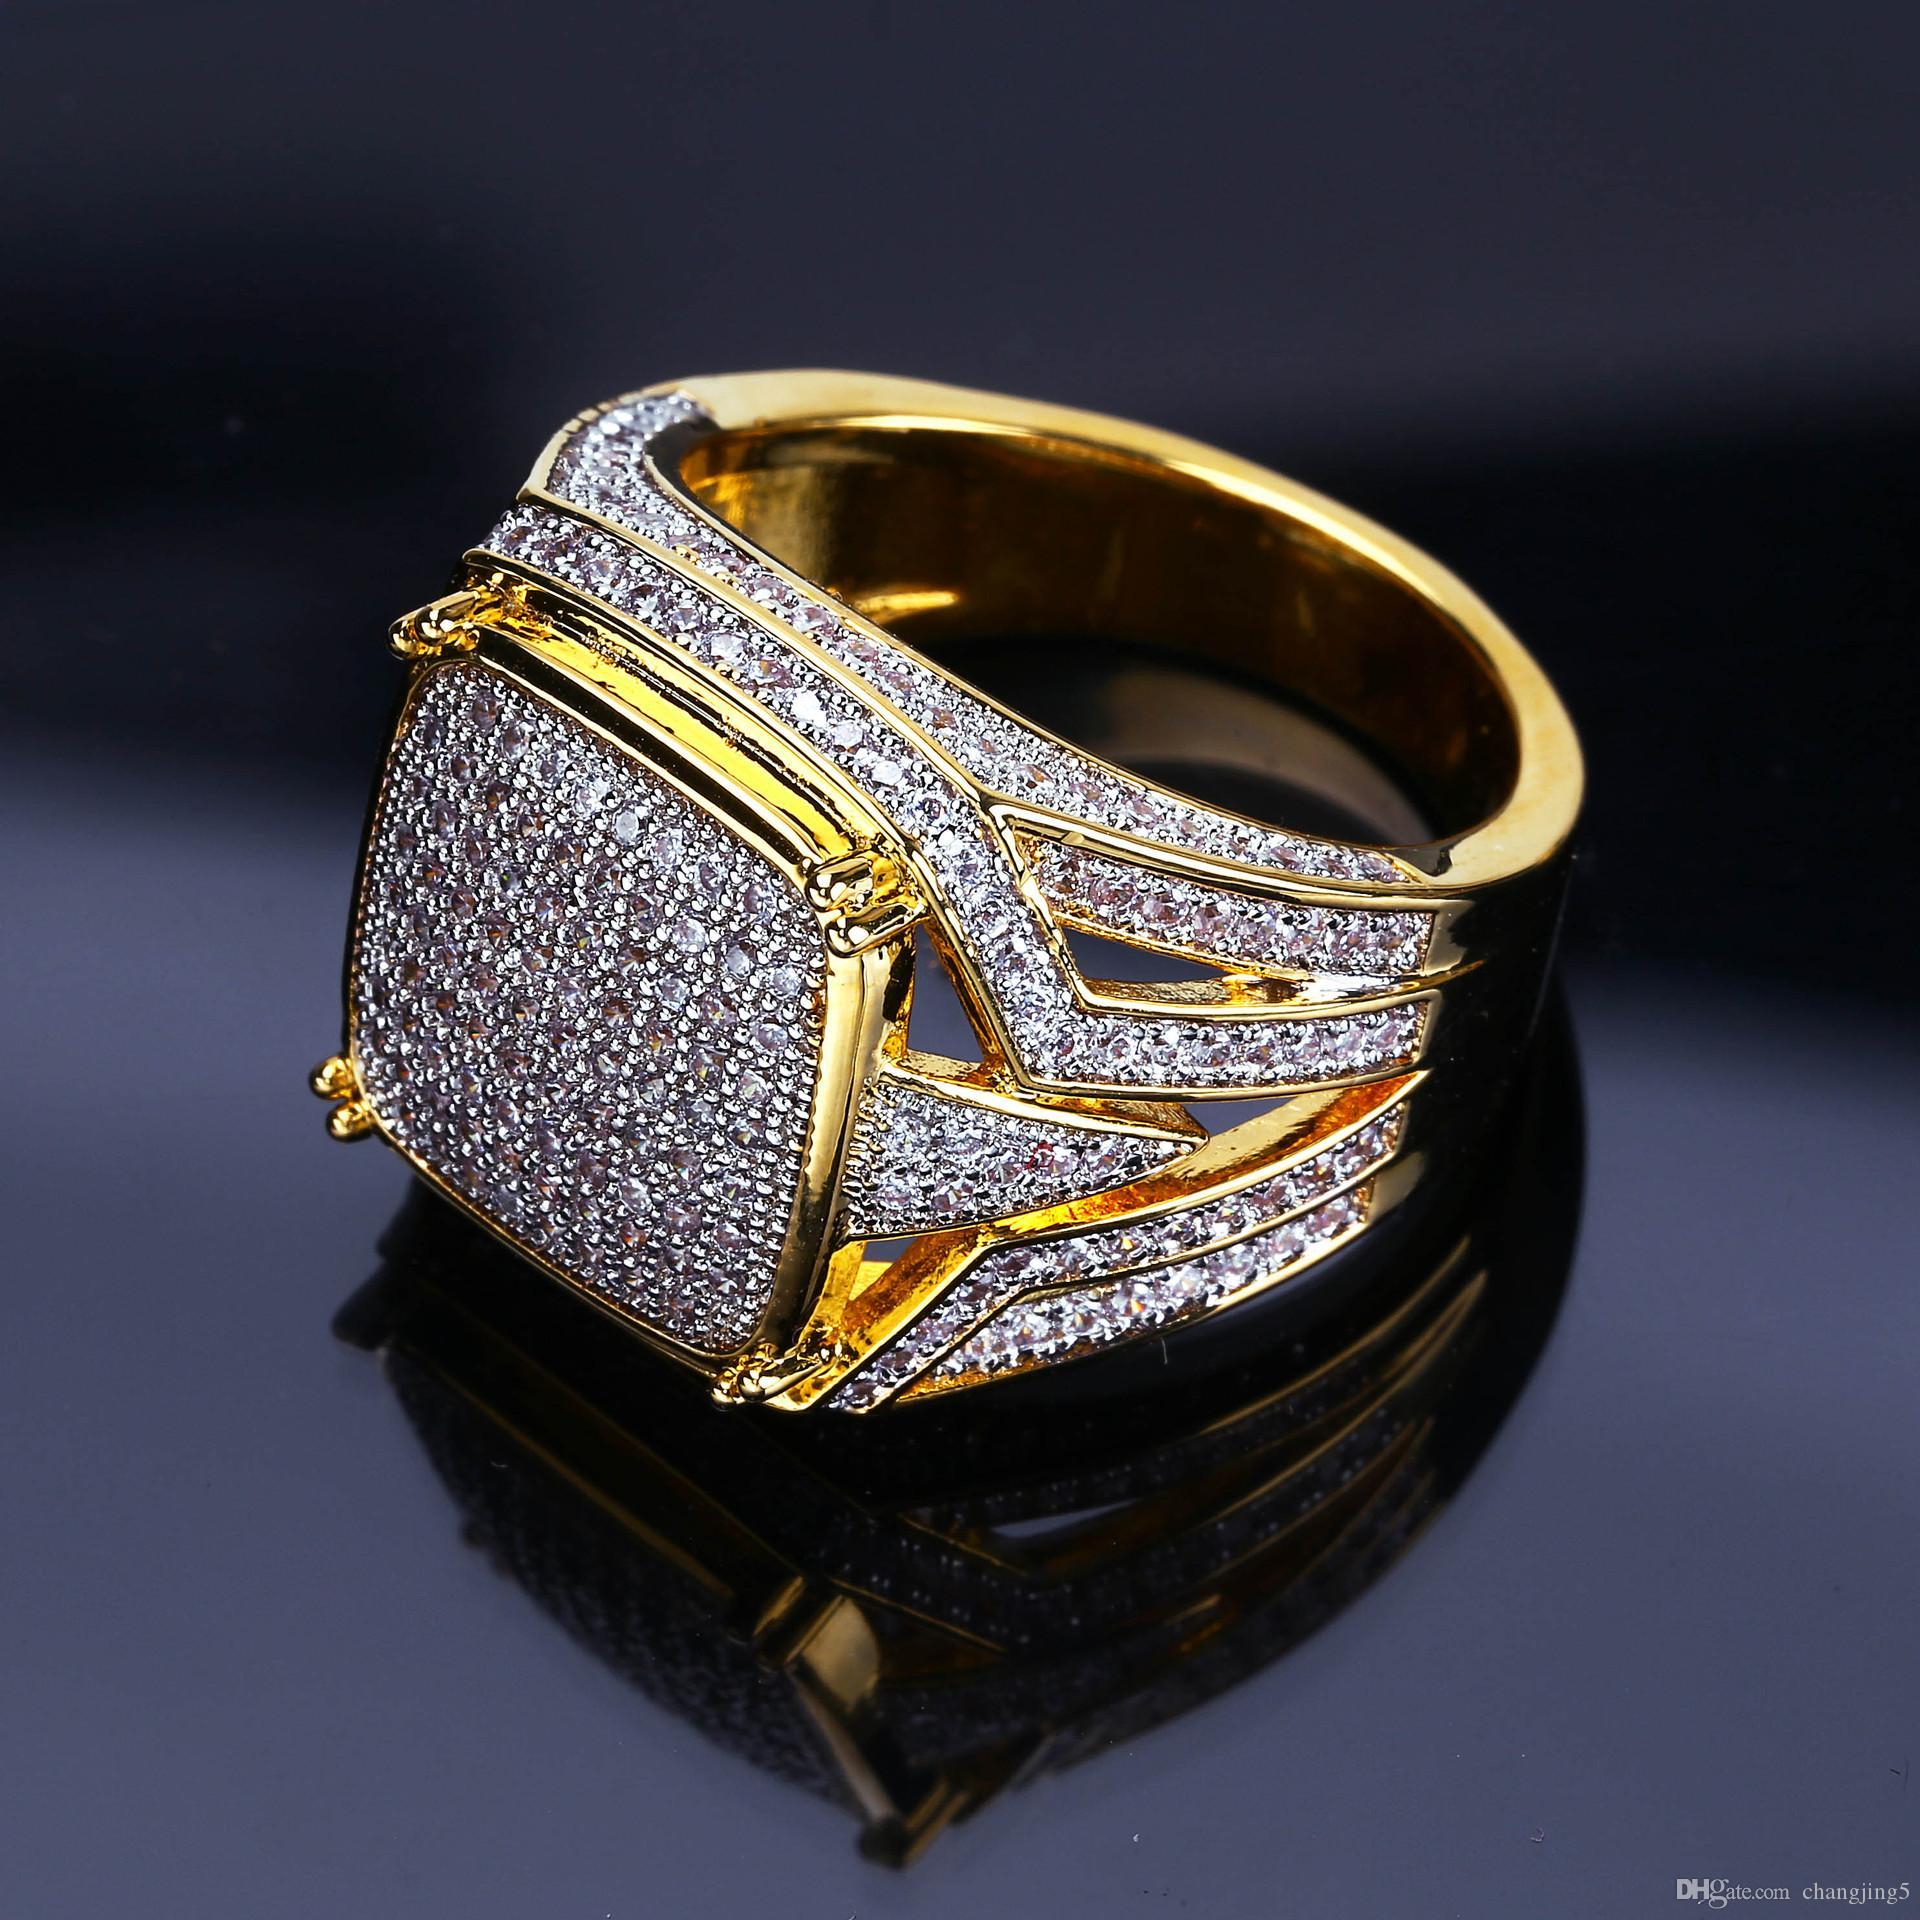 Nueva marca de fábrica 18K anillos plateados circón oro de hombre de lujo Hiphop CZ Bling Ring hielo fuera de circón cúbico joyería al por mayor